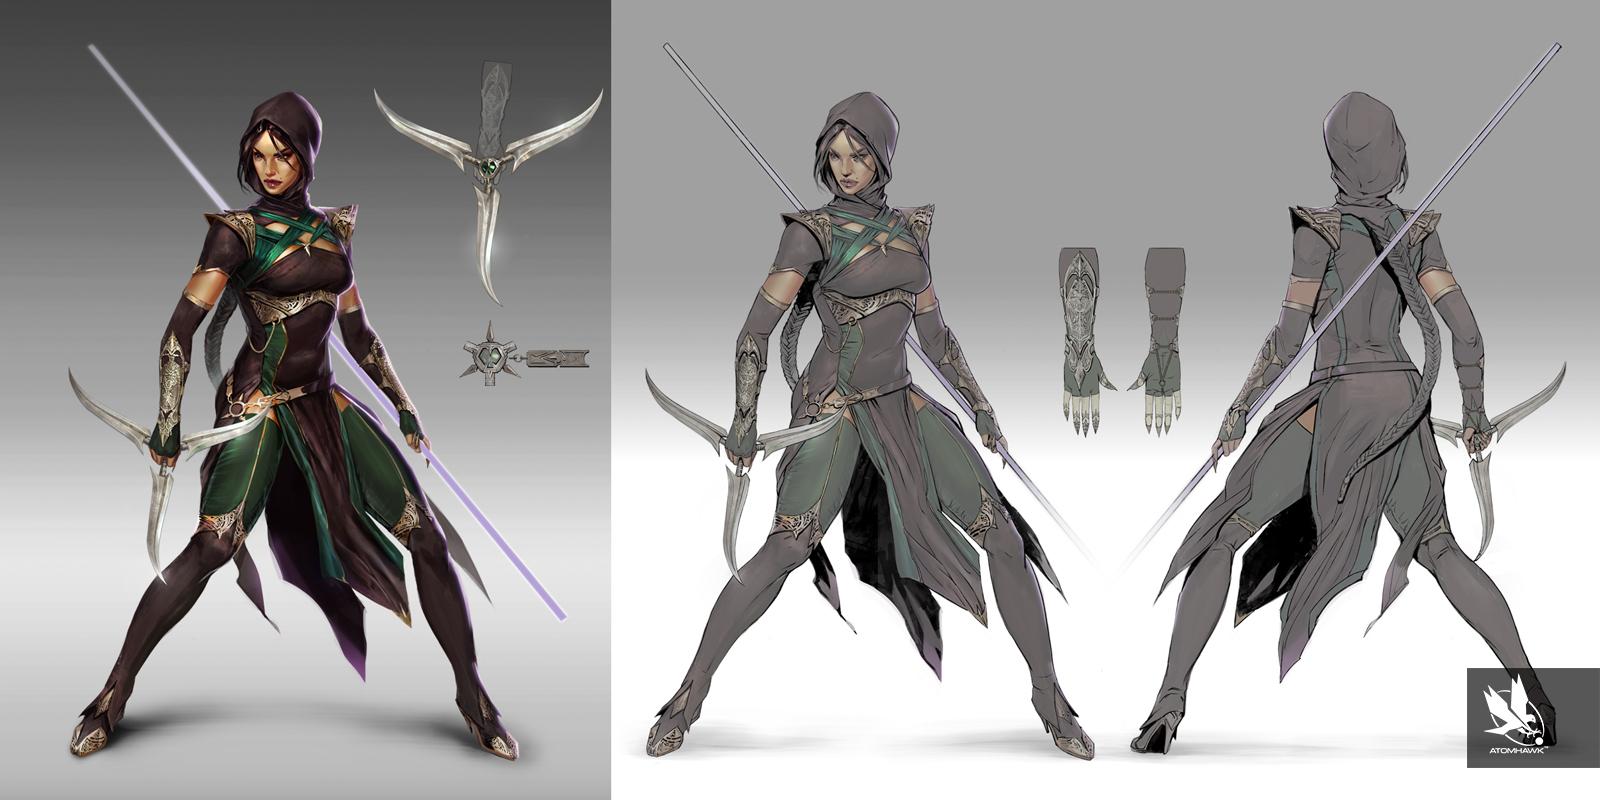 Atomhawk_Warner-Bros-NetherRealm_Mortal-Kombat-11_Concept-Art_Character-Design_Jade_Past_1.jpg